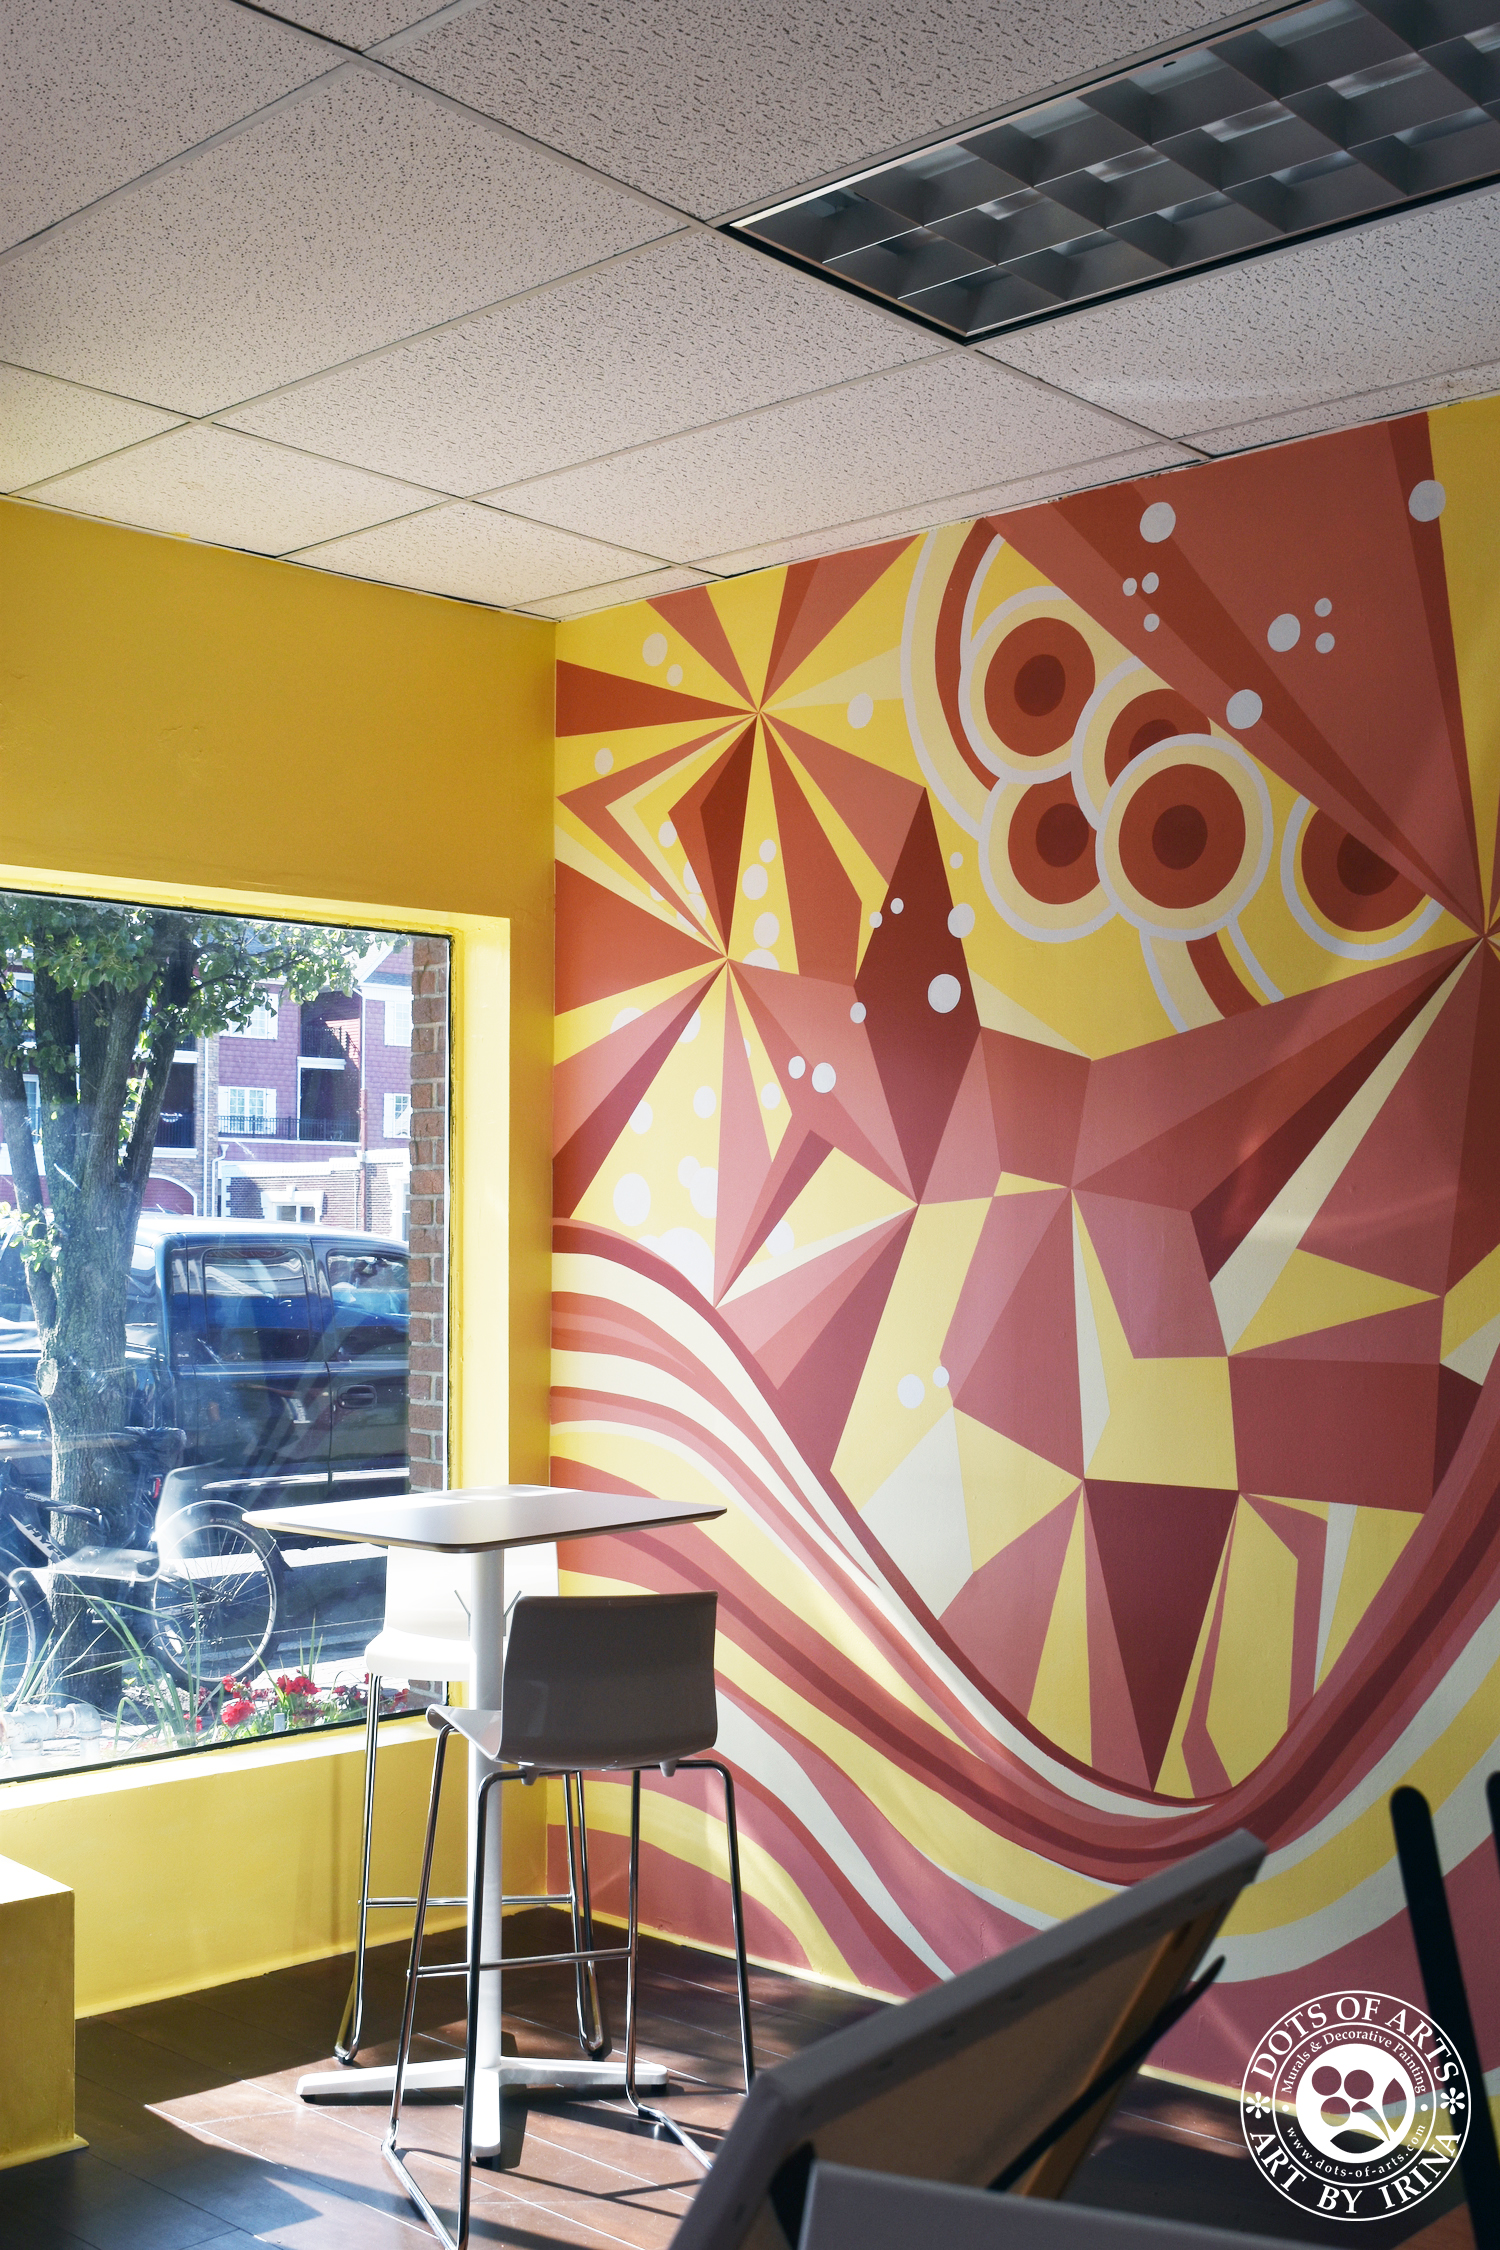 sip-paint-mural-full-wall-patterns-vertical-shot.jpg